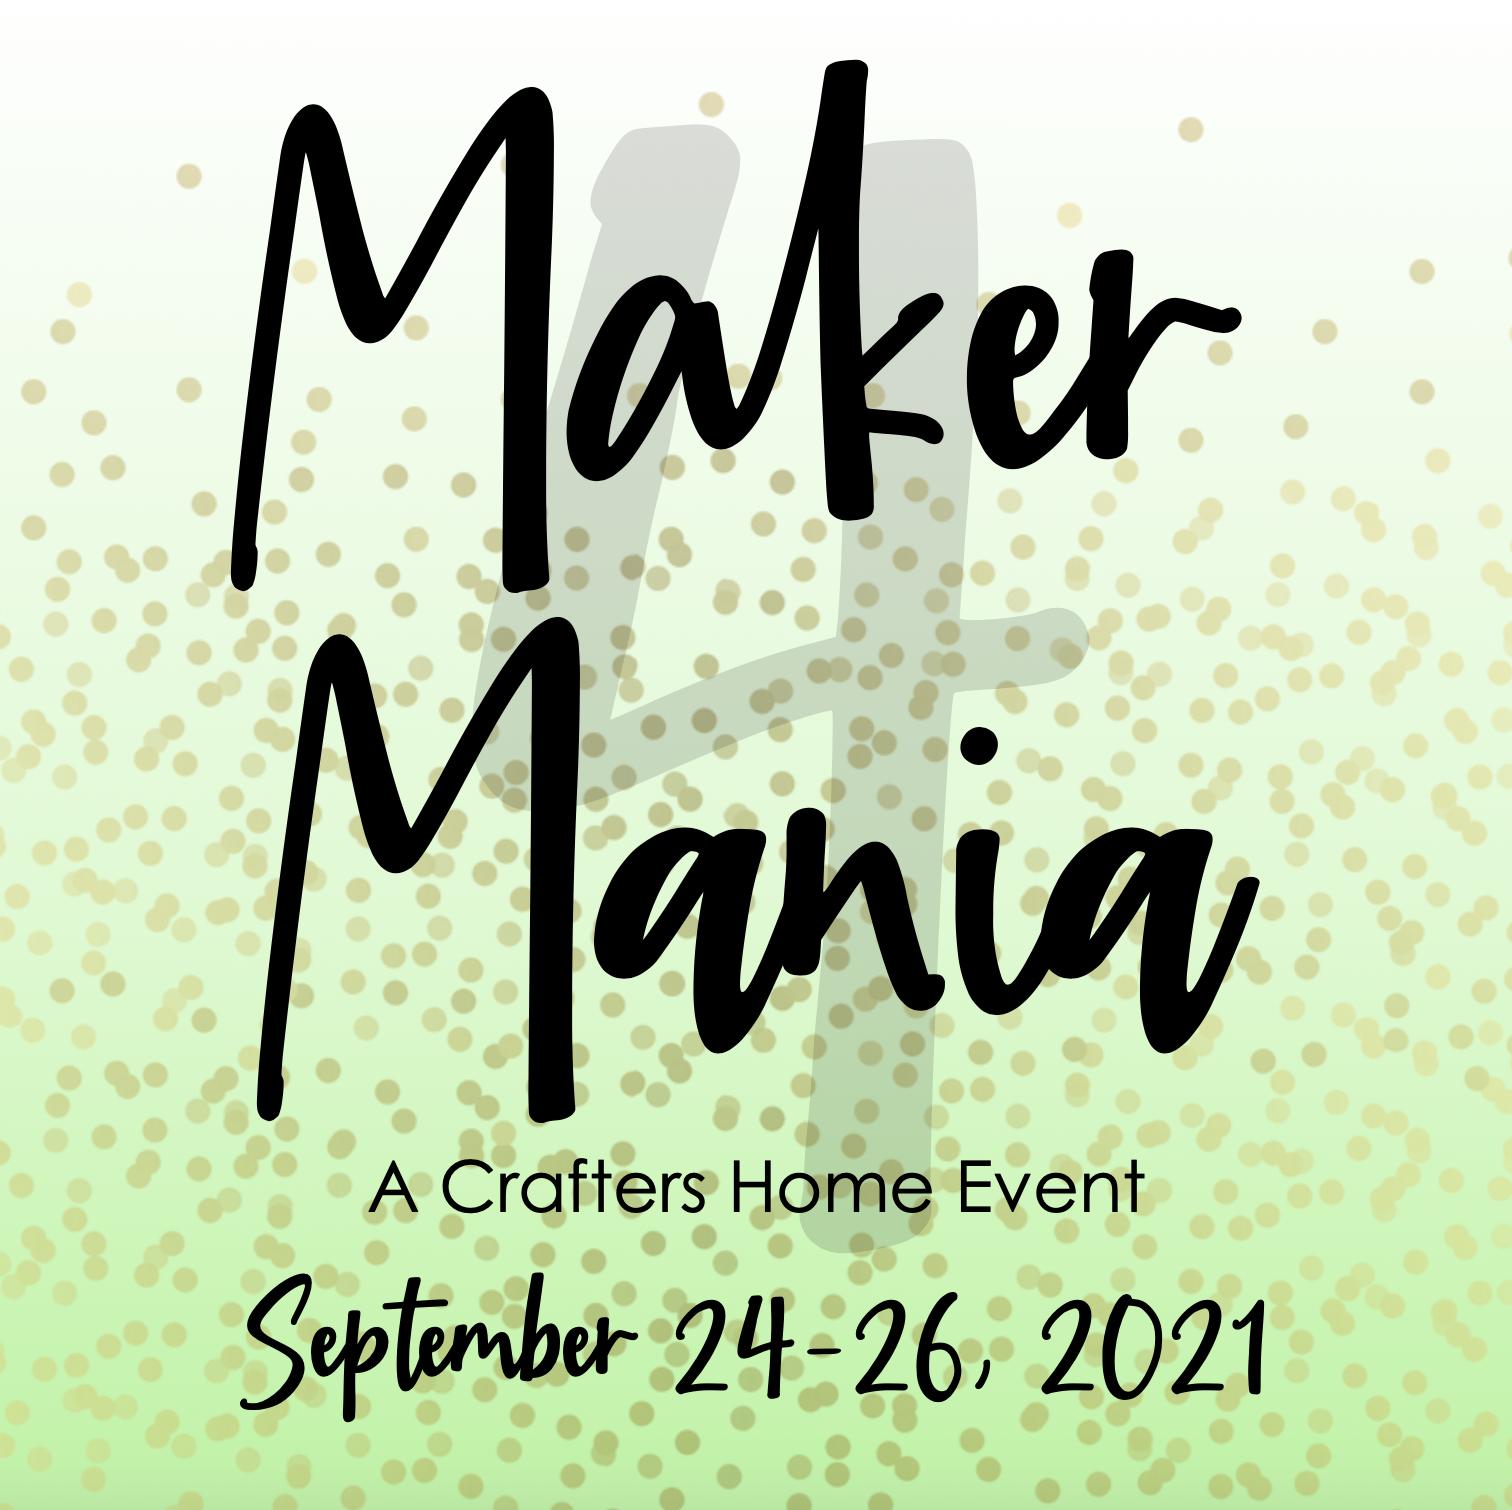 Maker Mania #4 Registration